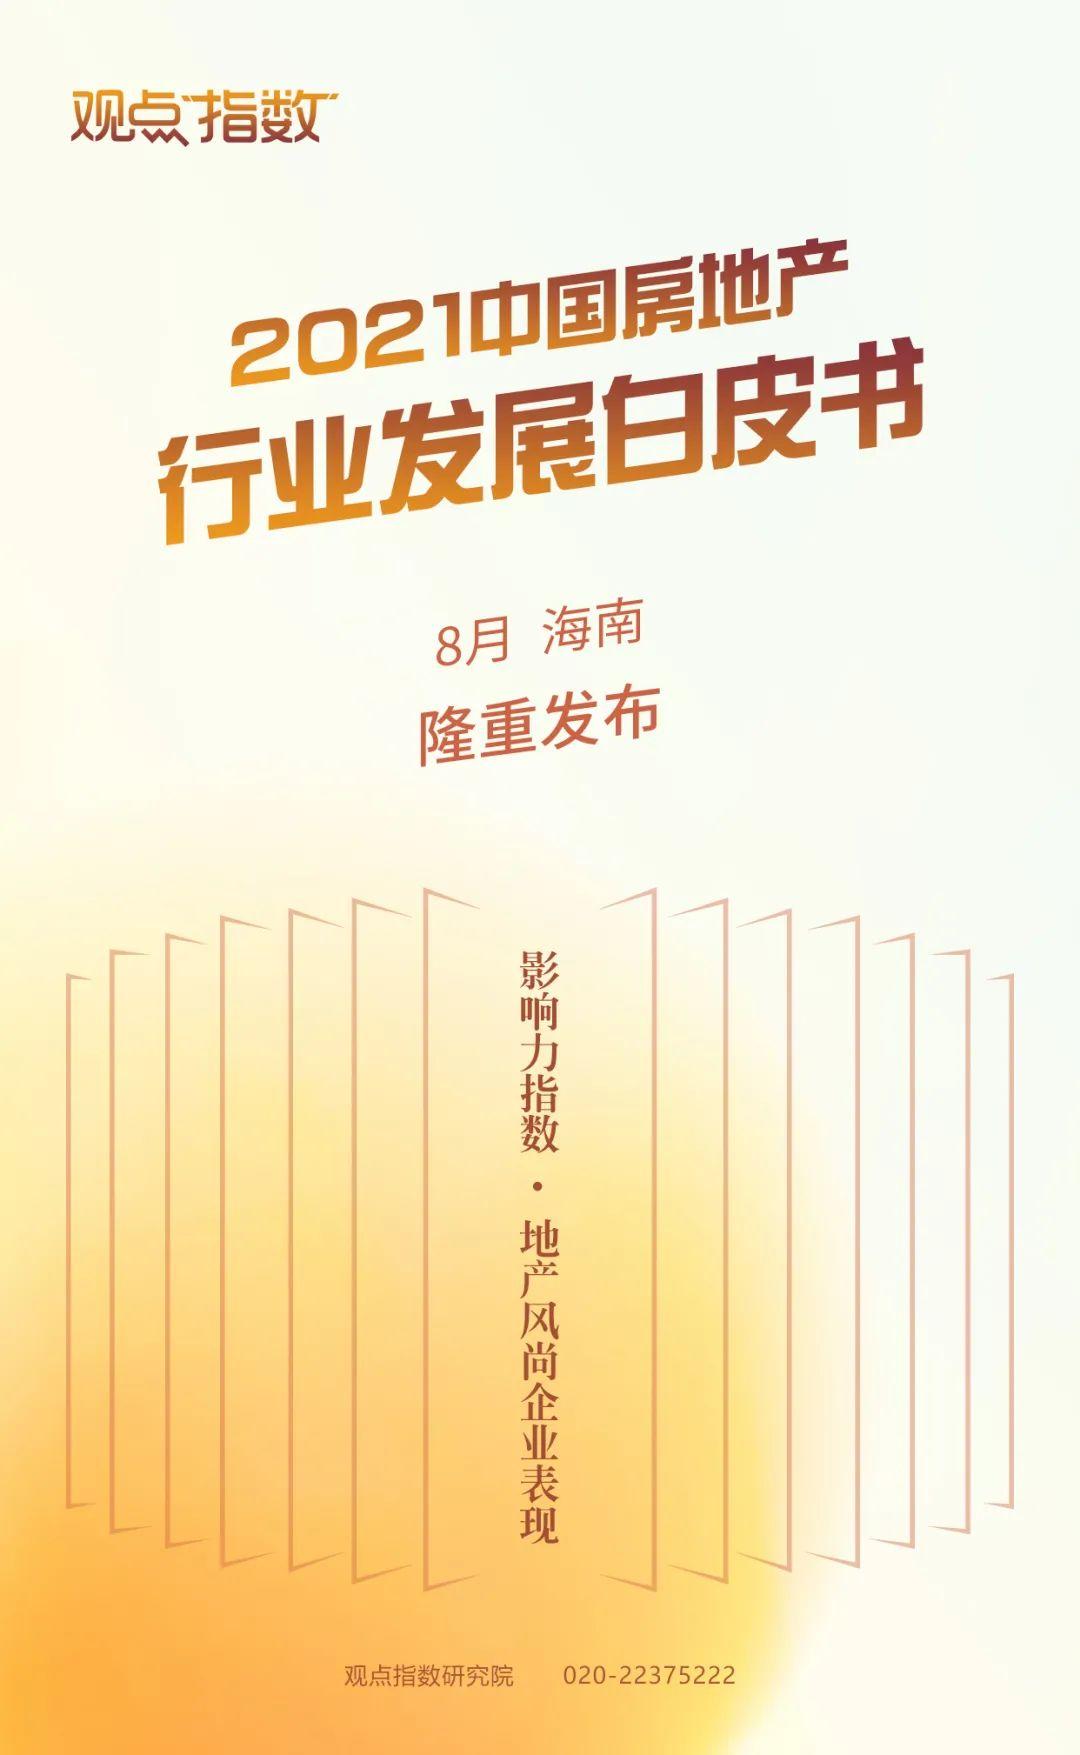 资本圈 | 中海发行30亿公司债 建发向英国基金公司配股